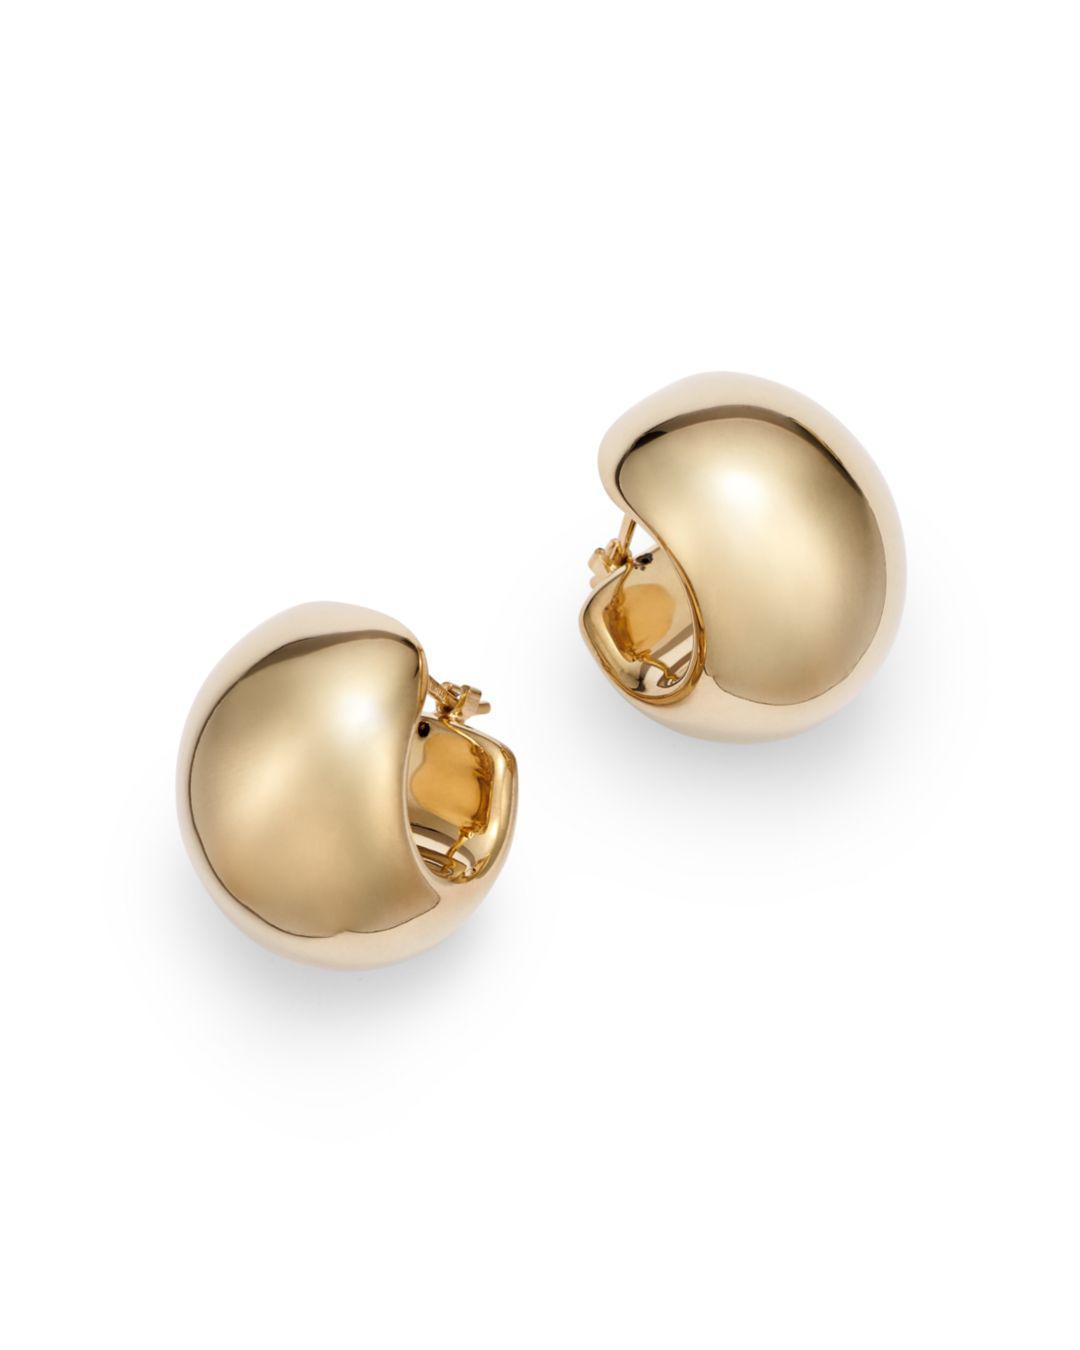 Wide Huggie Hoop Earrings In 14k Yellow Gold